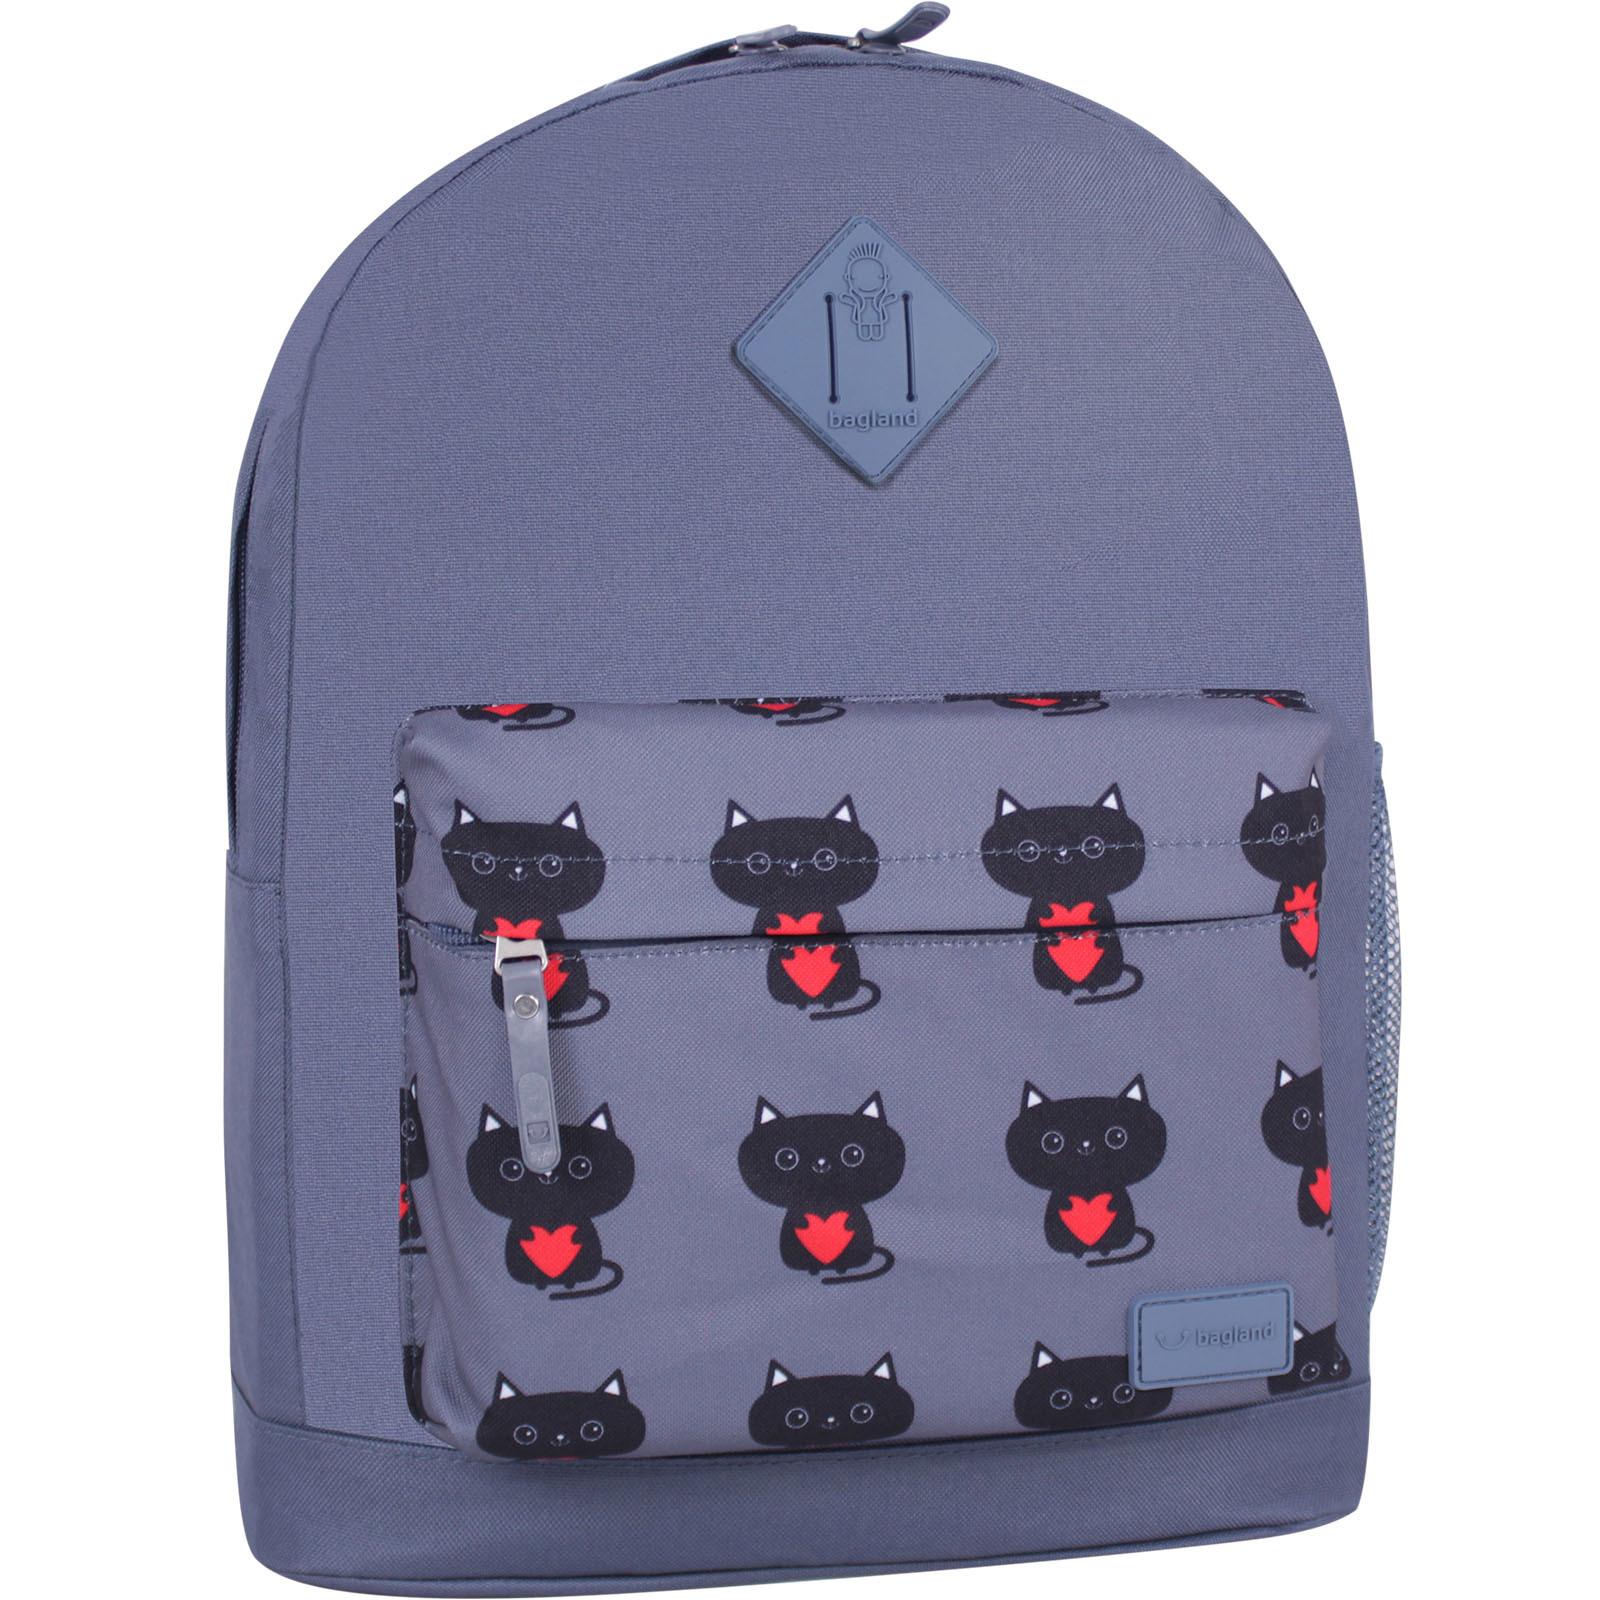 Городские рюкзаки Рюкзак Bagland Молодежный W/R 17 л. Серый 750 (00533662) IMG_6457_суб.750_-1600.jpg